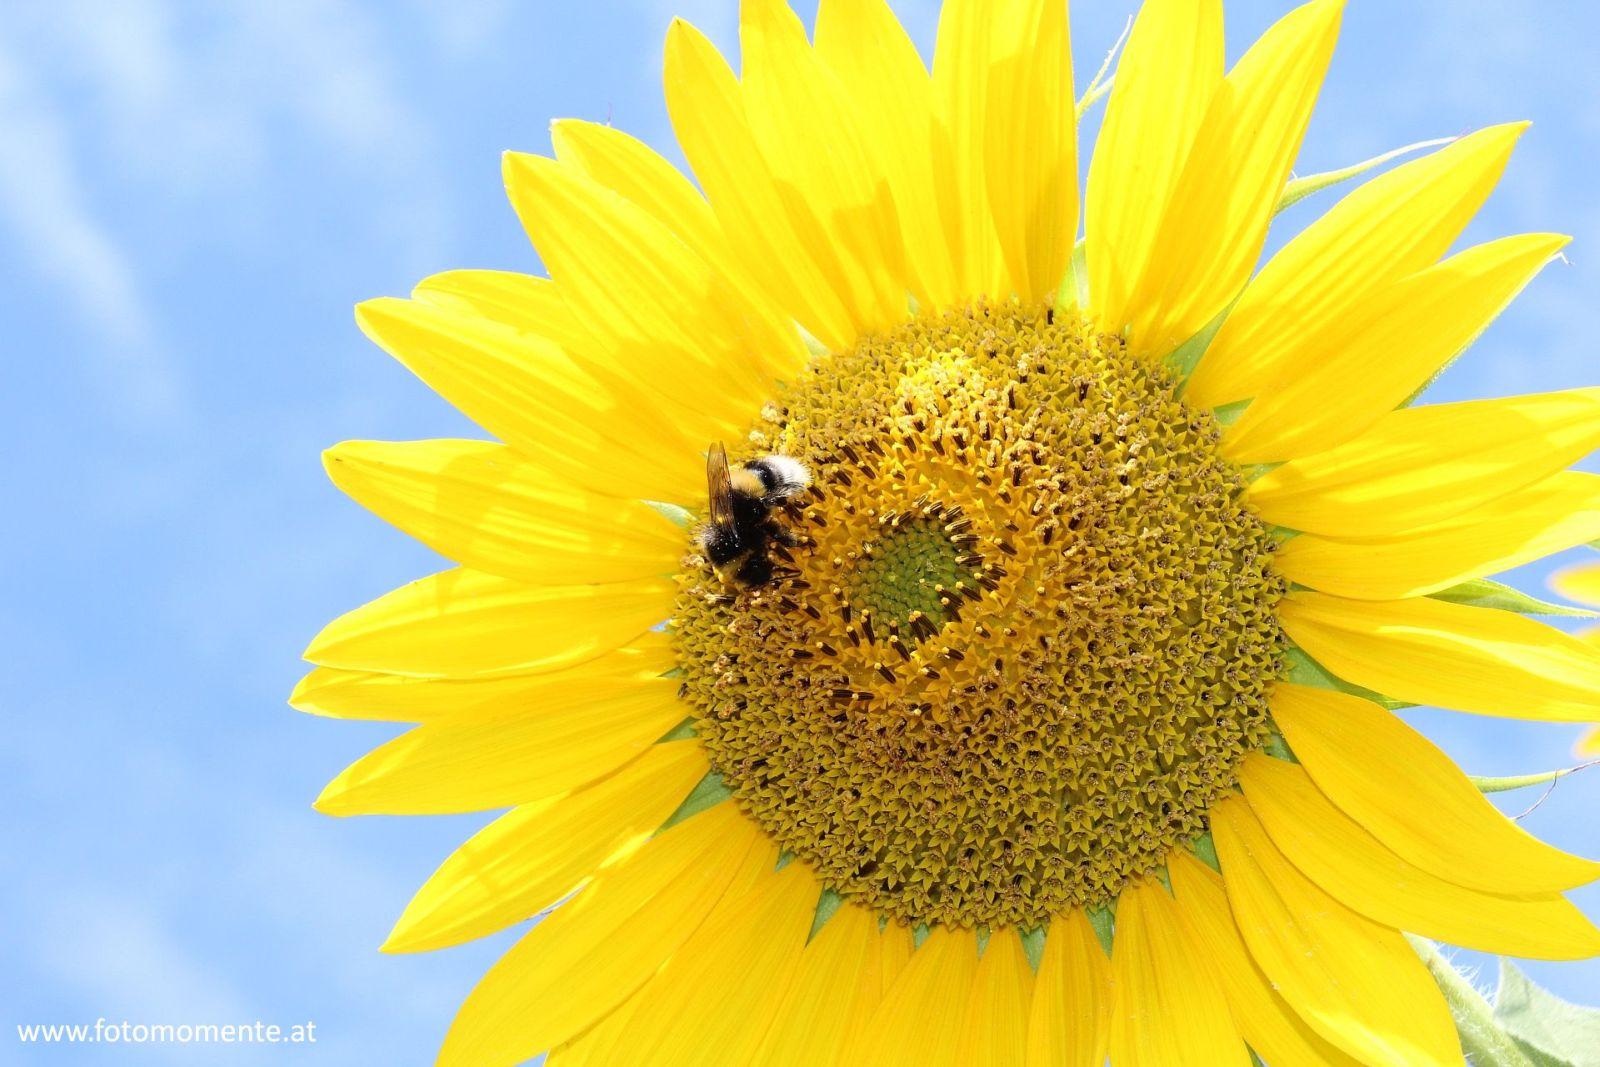 Erdhummel auf Sonnenblume vor blauem Himmel - Erdhummel auf Sonnenblume vor blauem Himmel